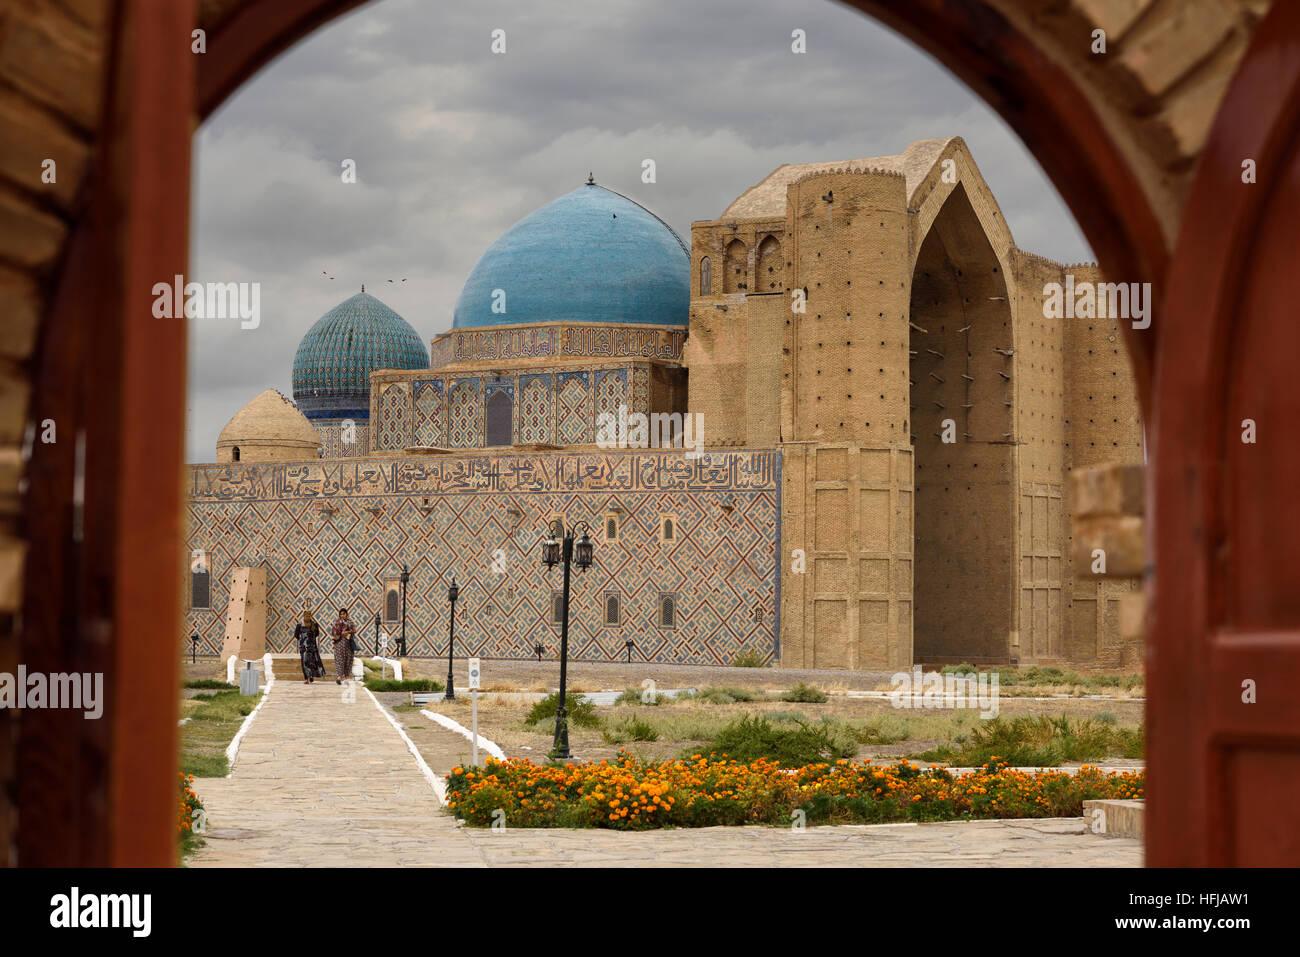 Mausoleo de Khoja Ahmed Yasawi a través de las puertas del museo arquitectónico Turquestán Kazajstán Imagen De Stock